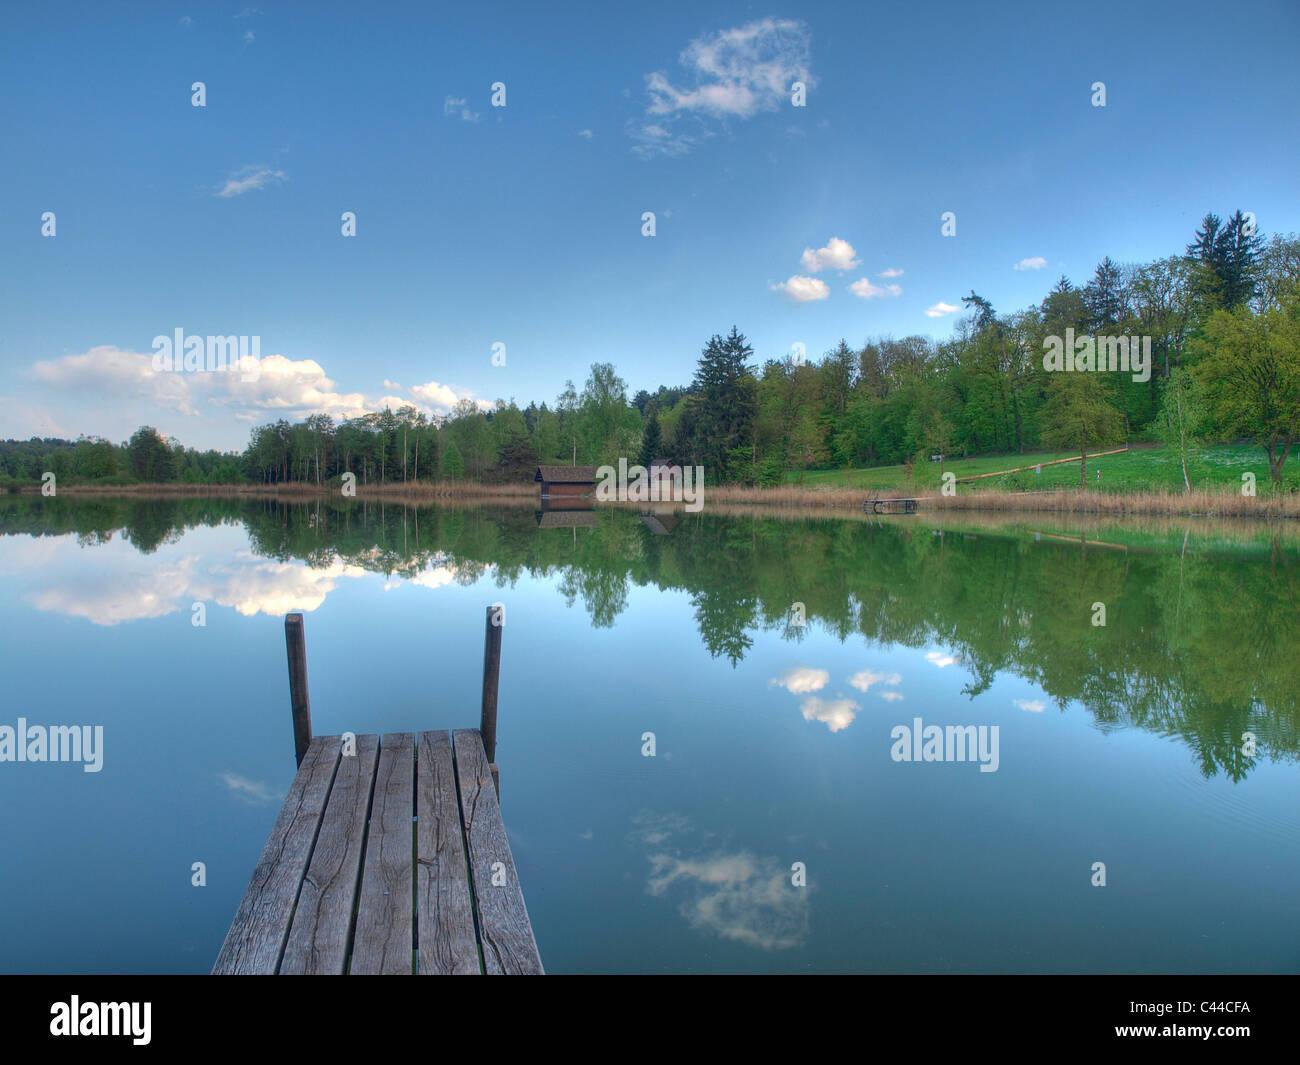 Blau, Feder, Himmel, Idylle, Steg, See, Holz, Wald, Wasser, Wolken, Kanton Zürich, Schweiz, Husemersee, See, Stockbild